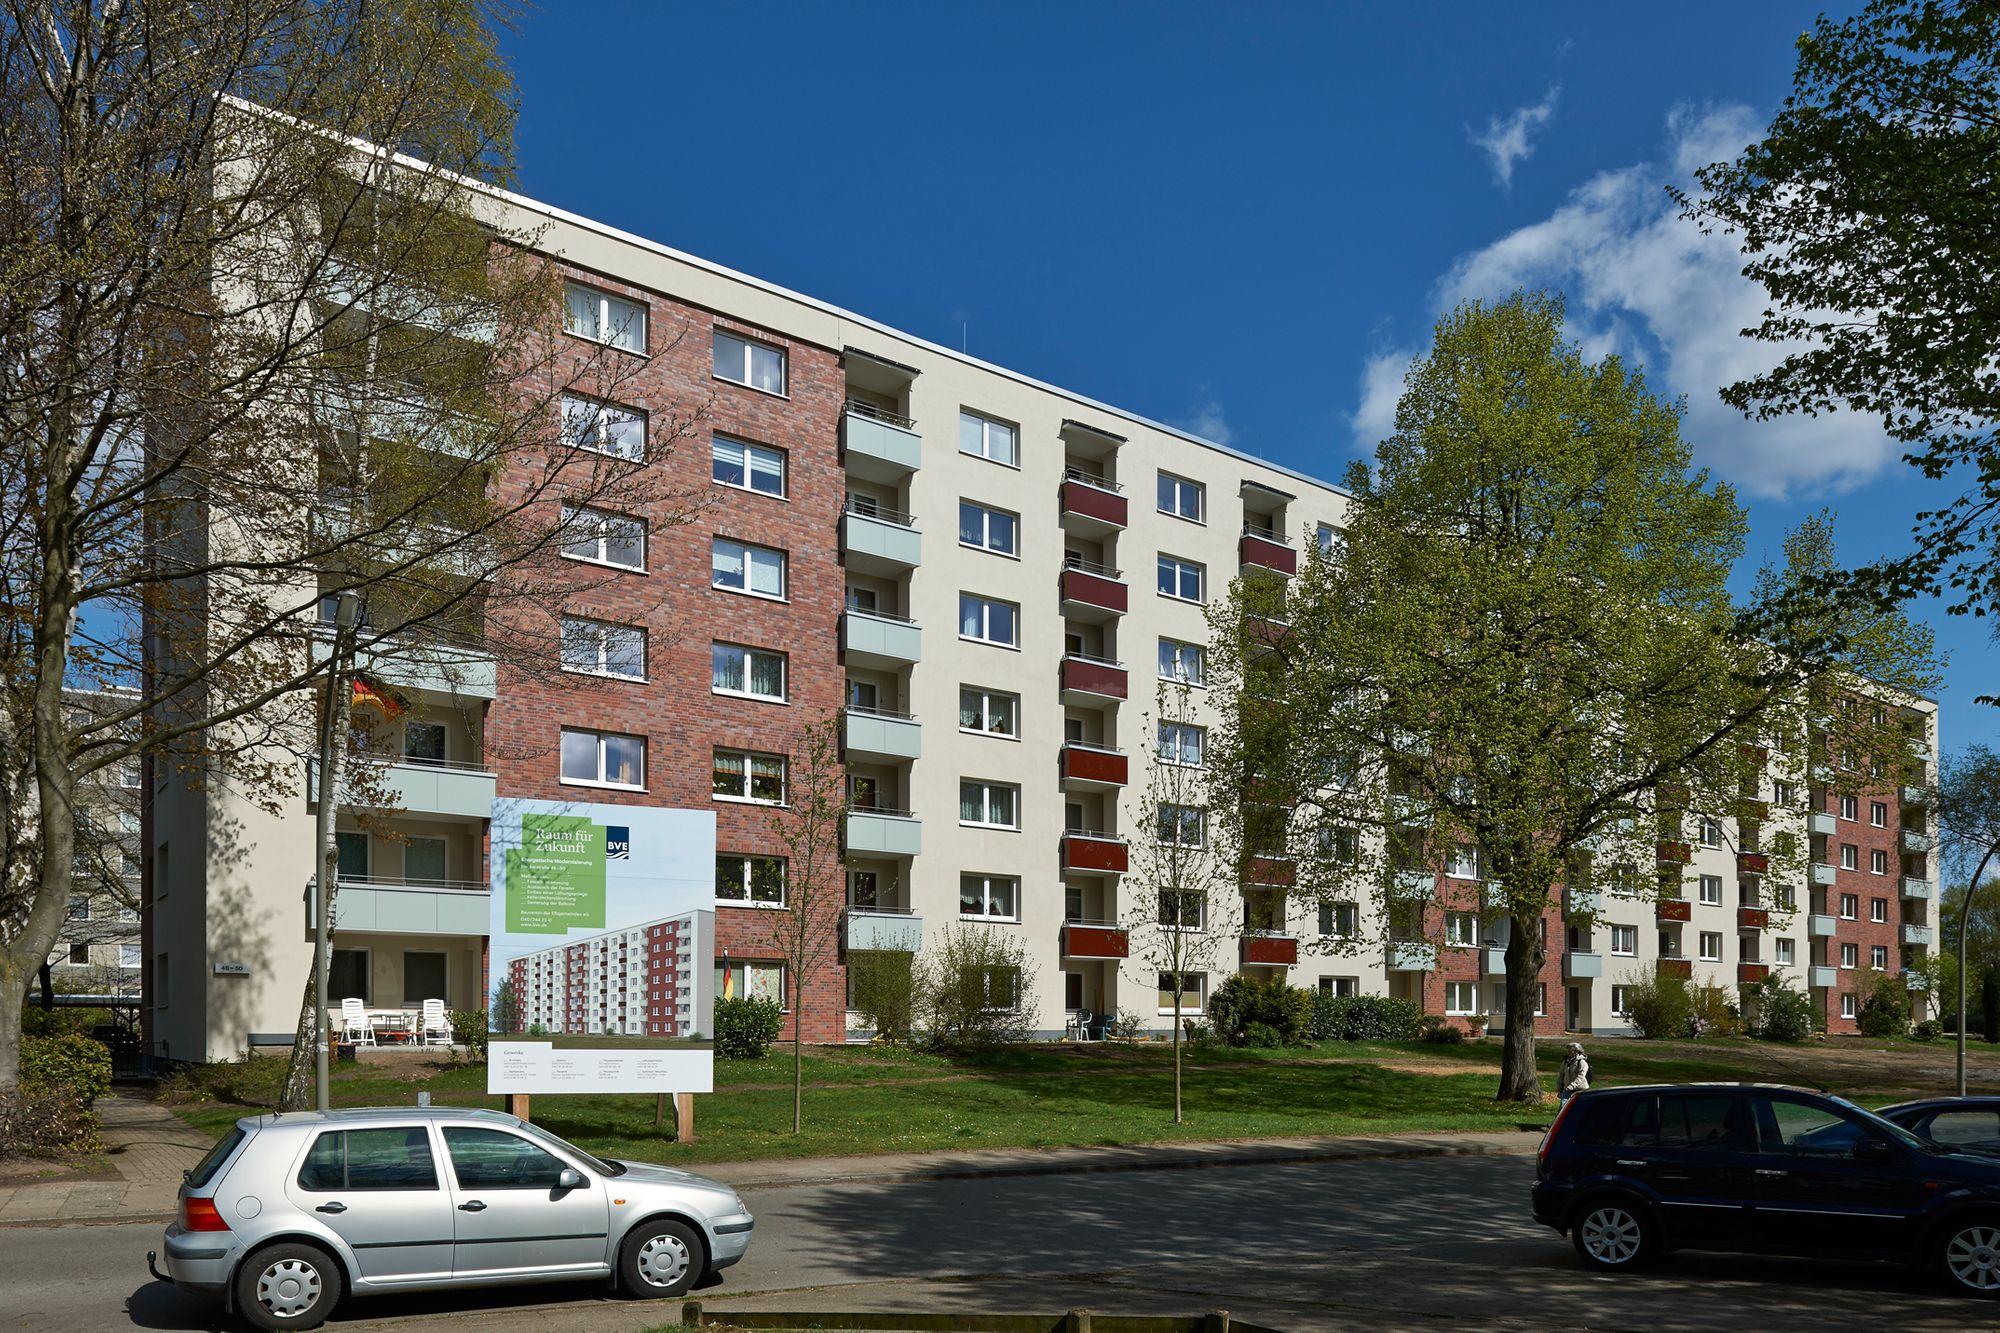 Ueckerstraße